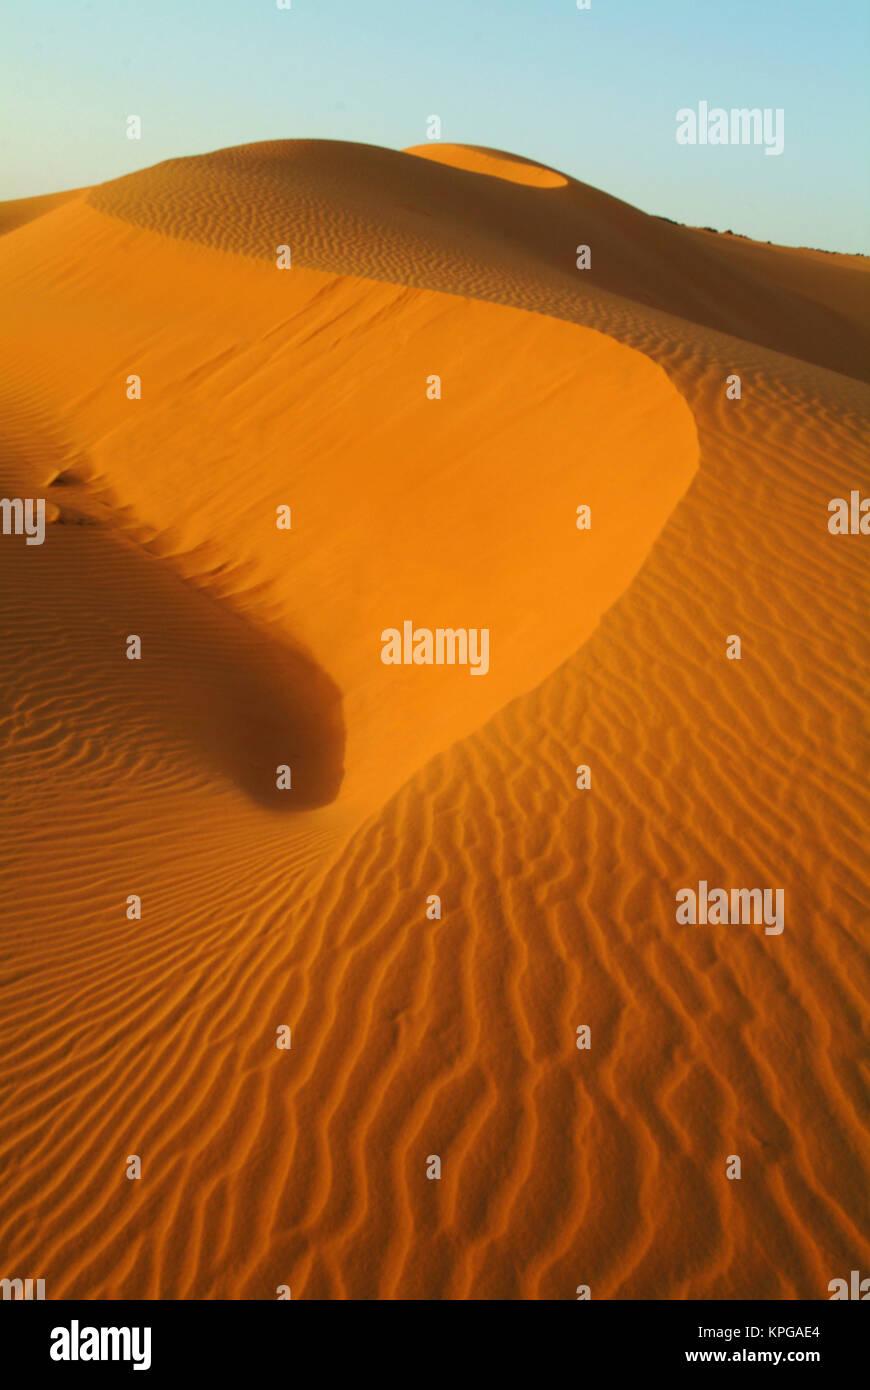 Sudan, North (Nubia), dunes in the desert - Stock Image